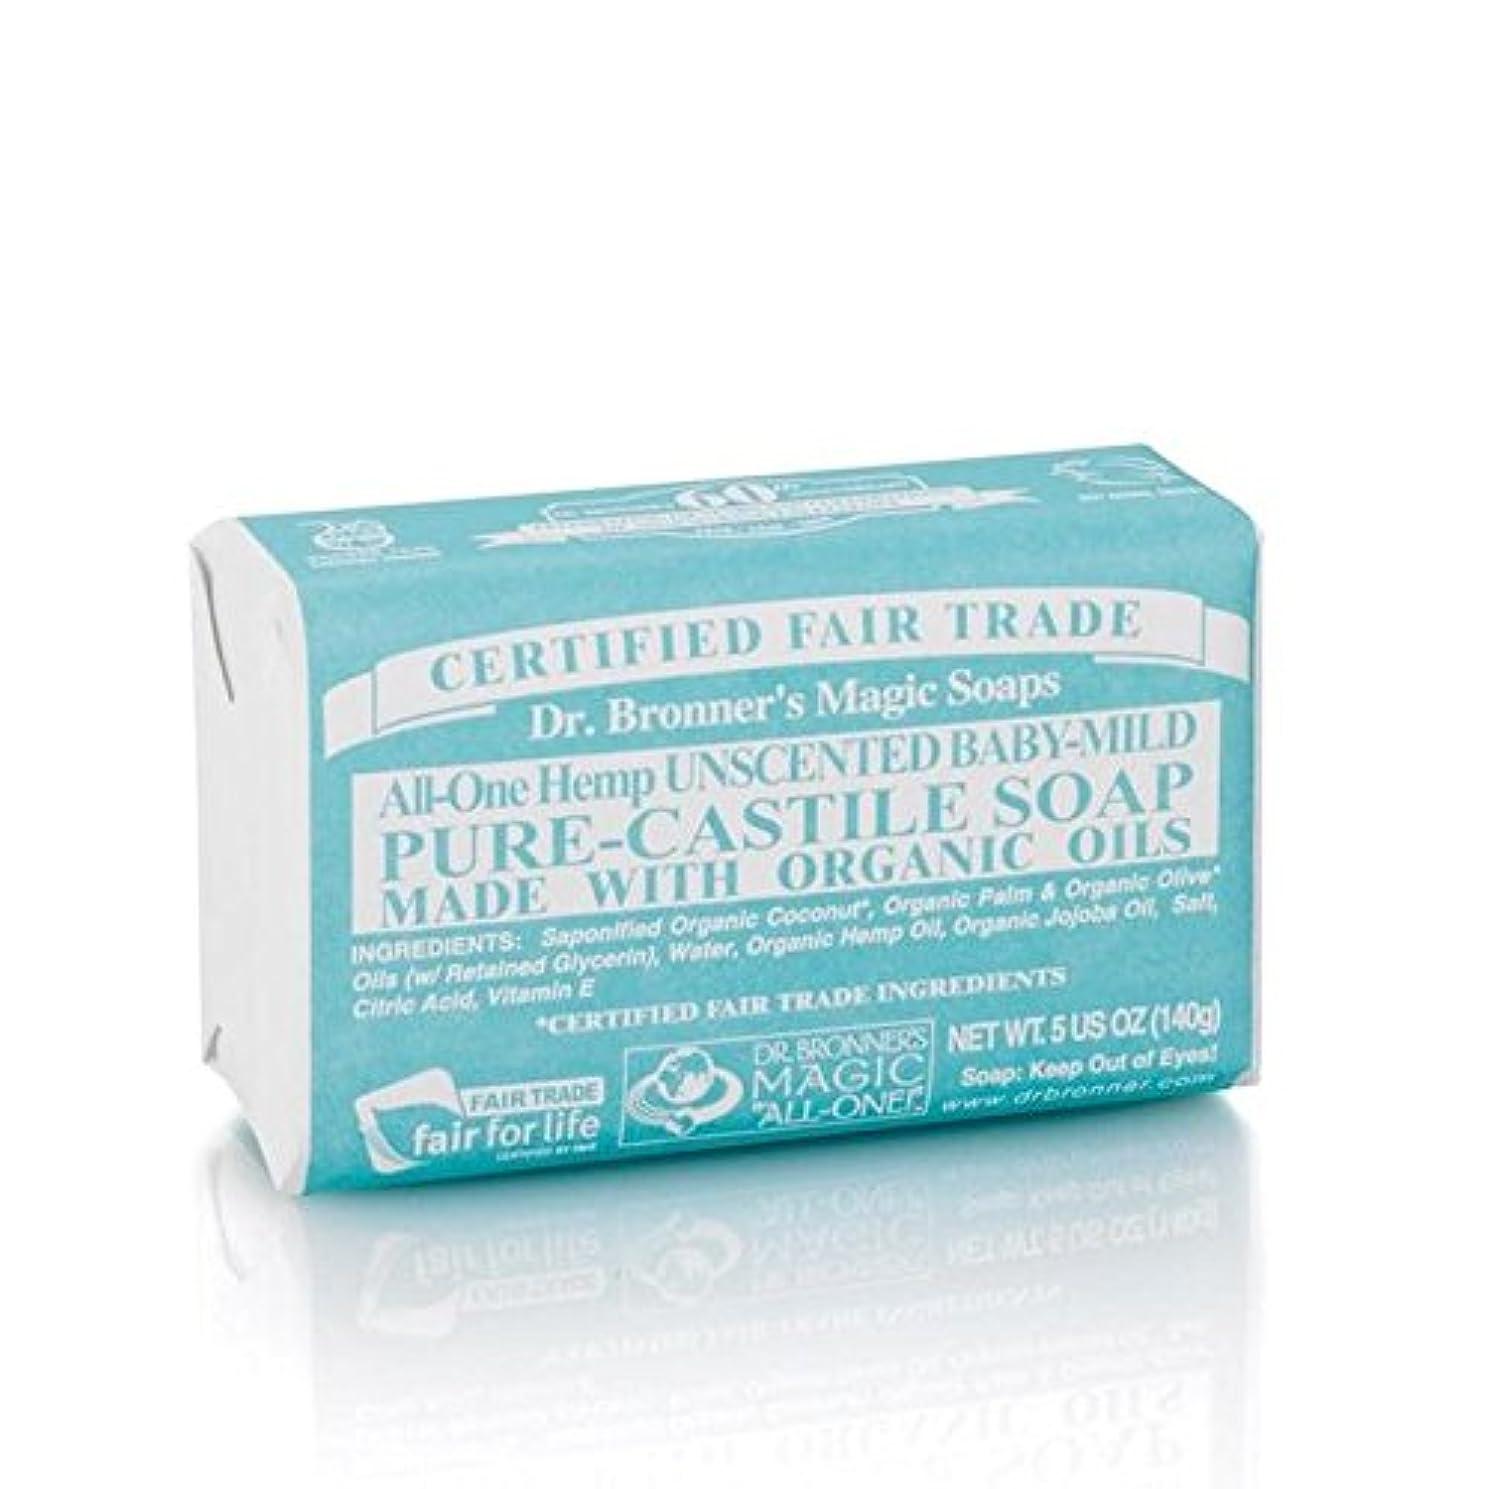 パケット先例合併症のブロナーオーガニックベビーマイルドソープバー140グラム x2 - Dr Bronner Organic Baby Mild Soap Bar 140g (Pack of 2) [並行輸入品]